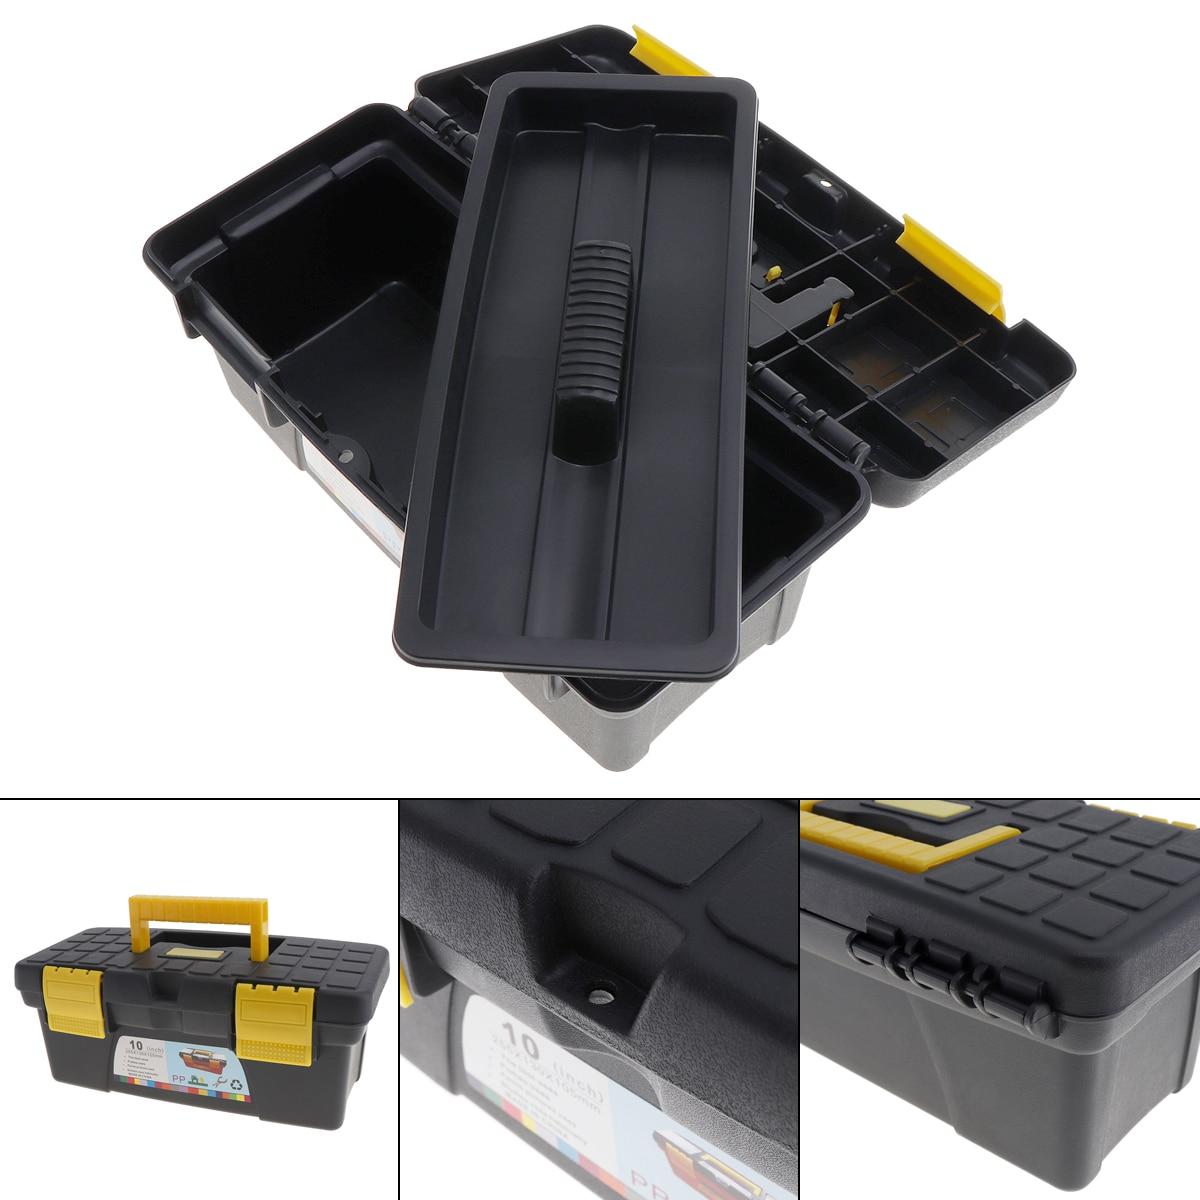 """10 """"protable multifuncional caixa de ferramentas com removível de duas camadas tobe bandeja kit de ferramentas para casa/oficina recolher"""